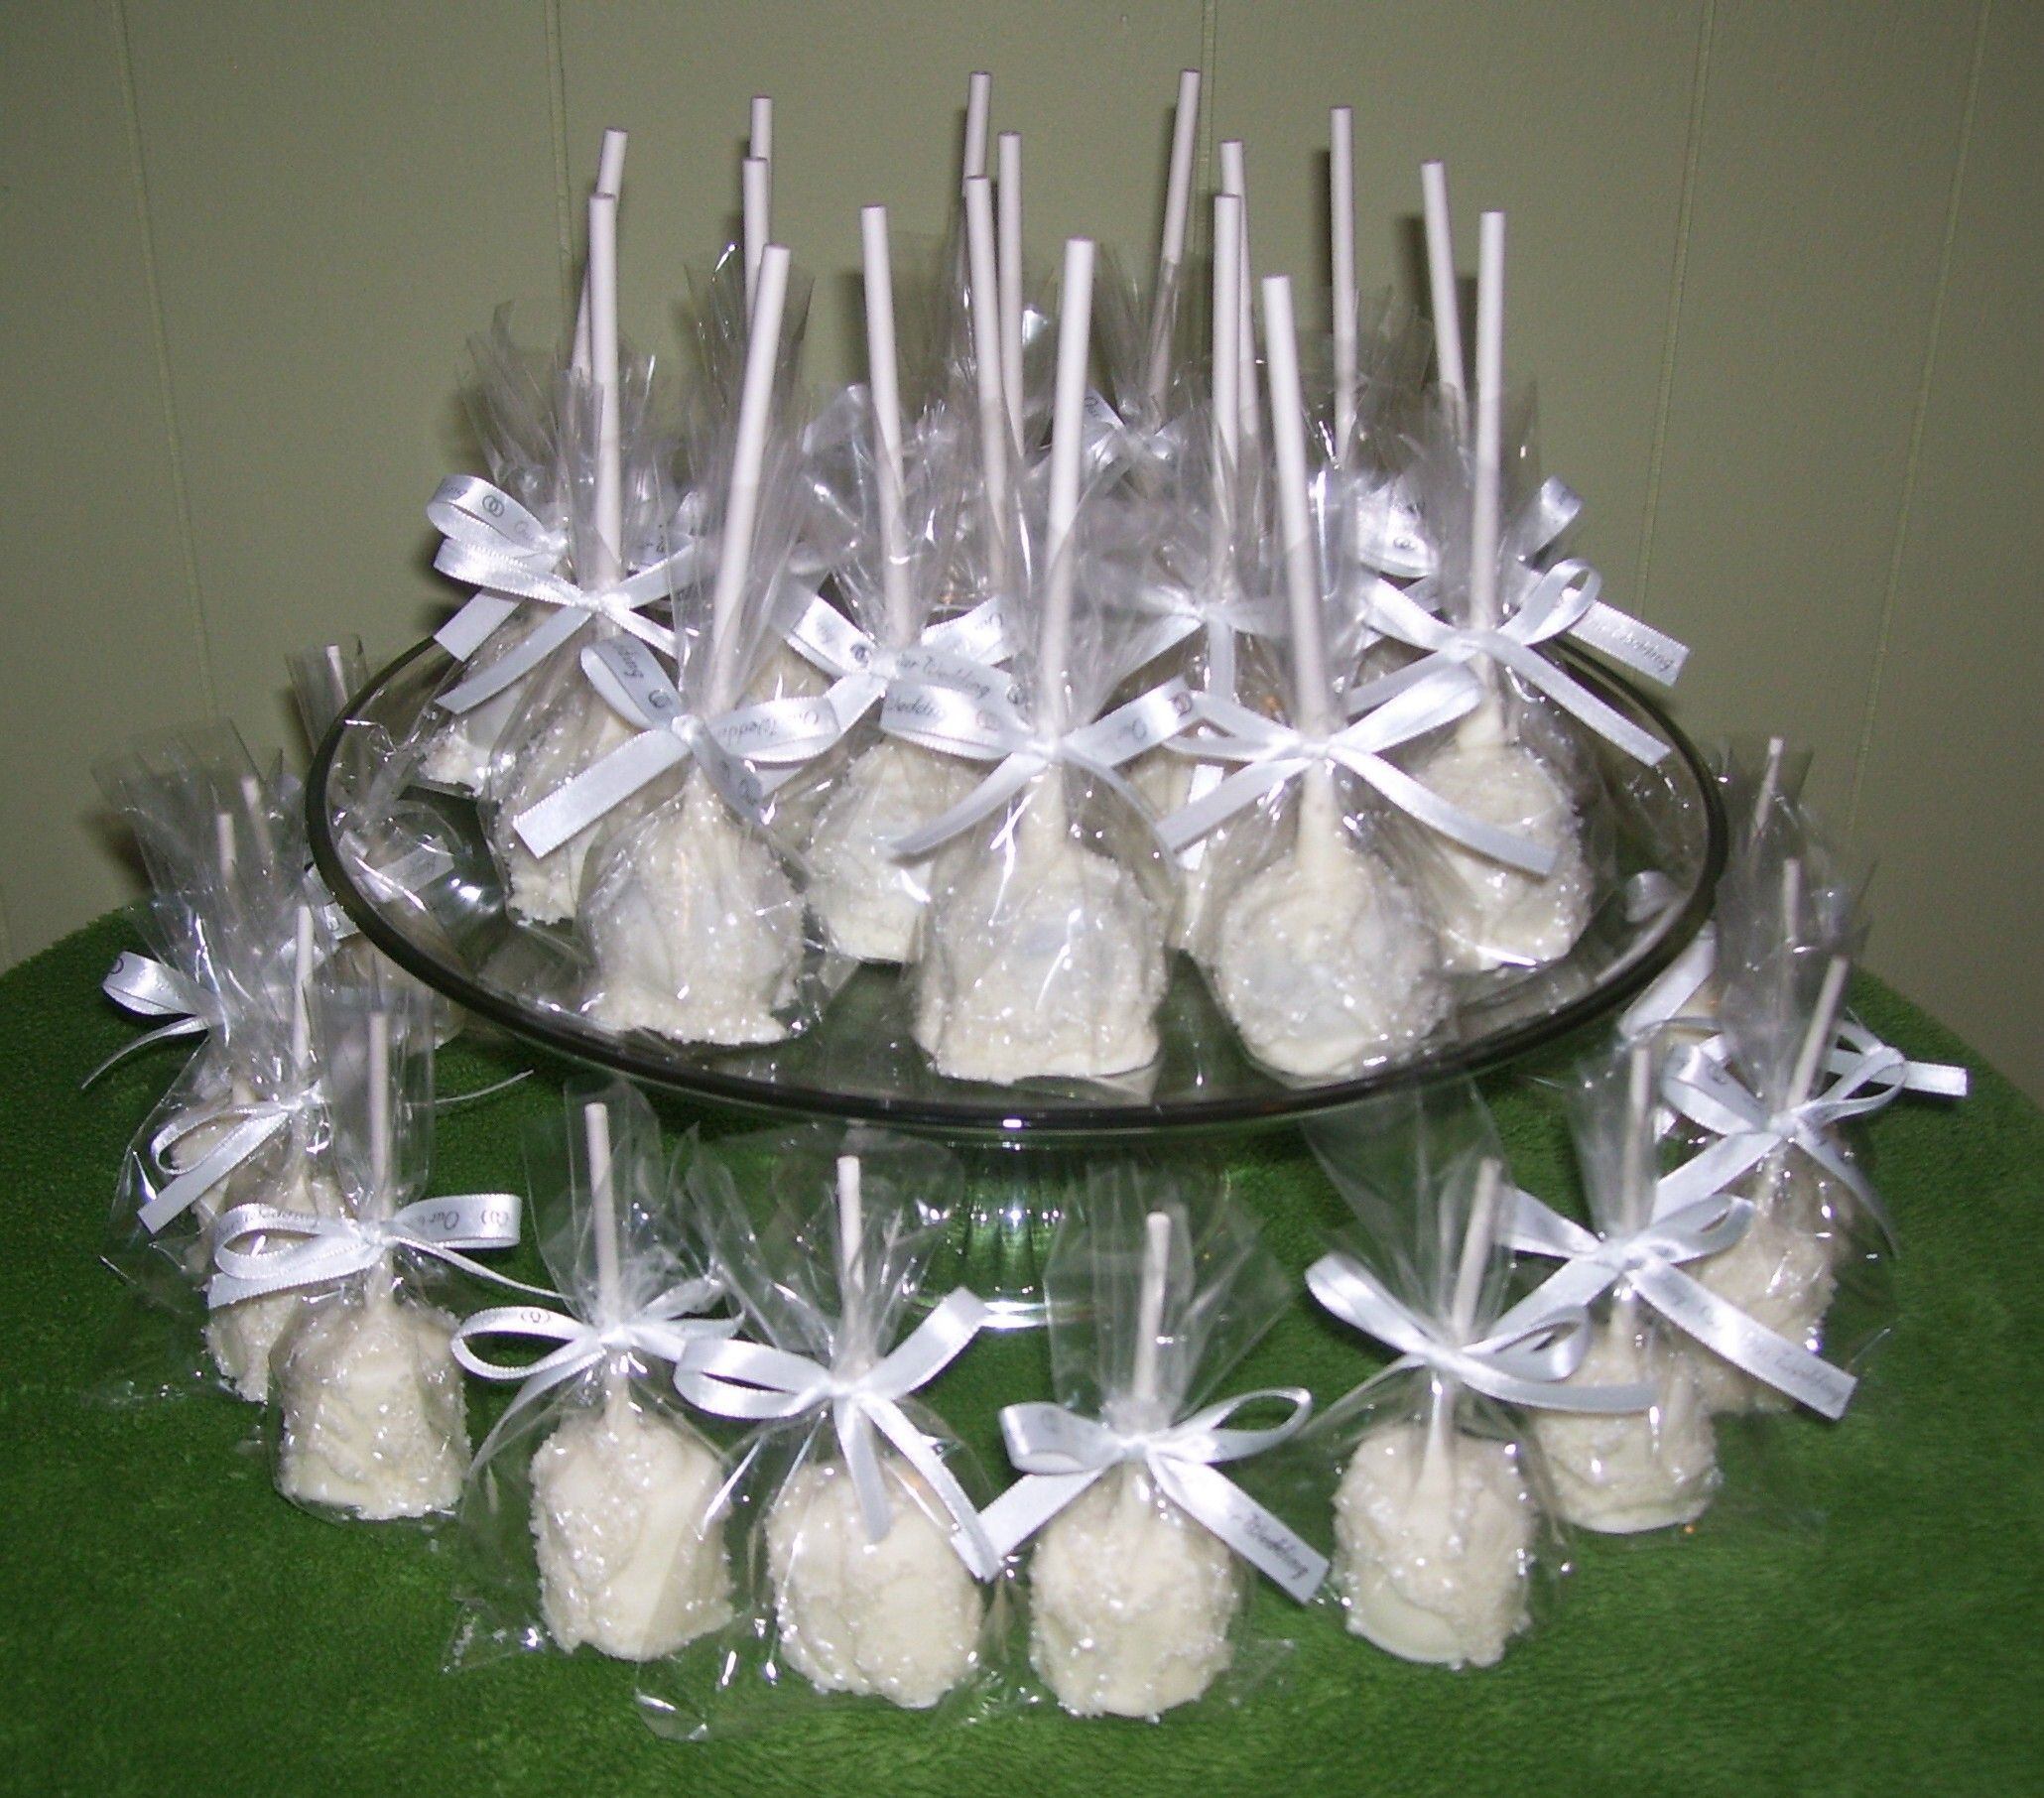 cake pop ideas wedding shower%0A Cake Pops or Truffle Pops Chocolate Covered Cake Pops Wedding Favor Baby  Shower Birthday   dozen